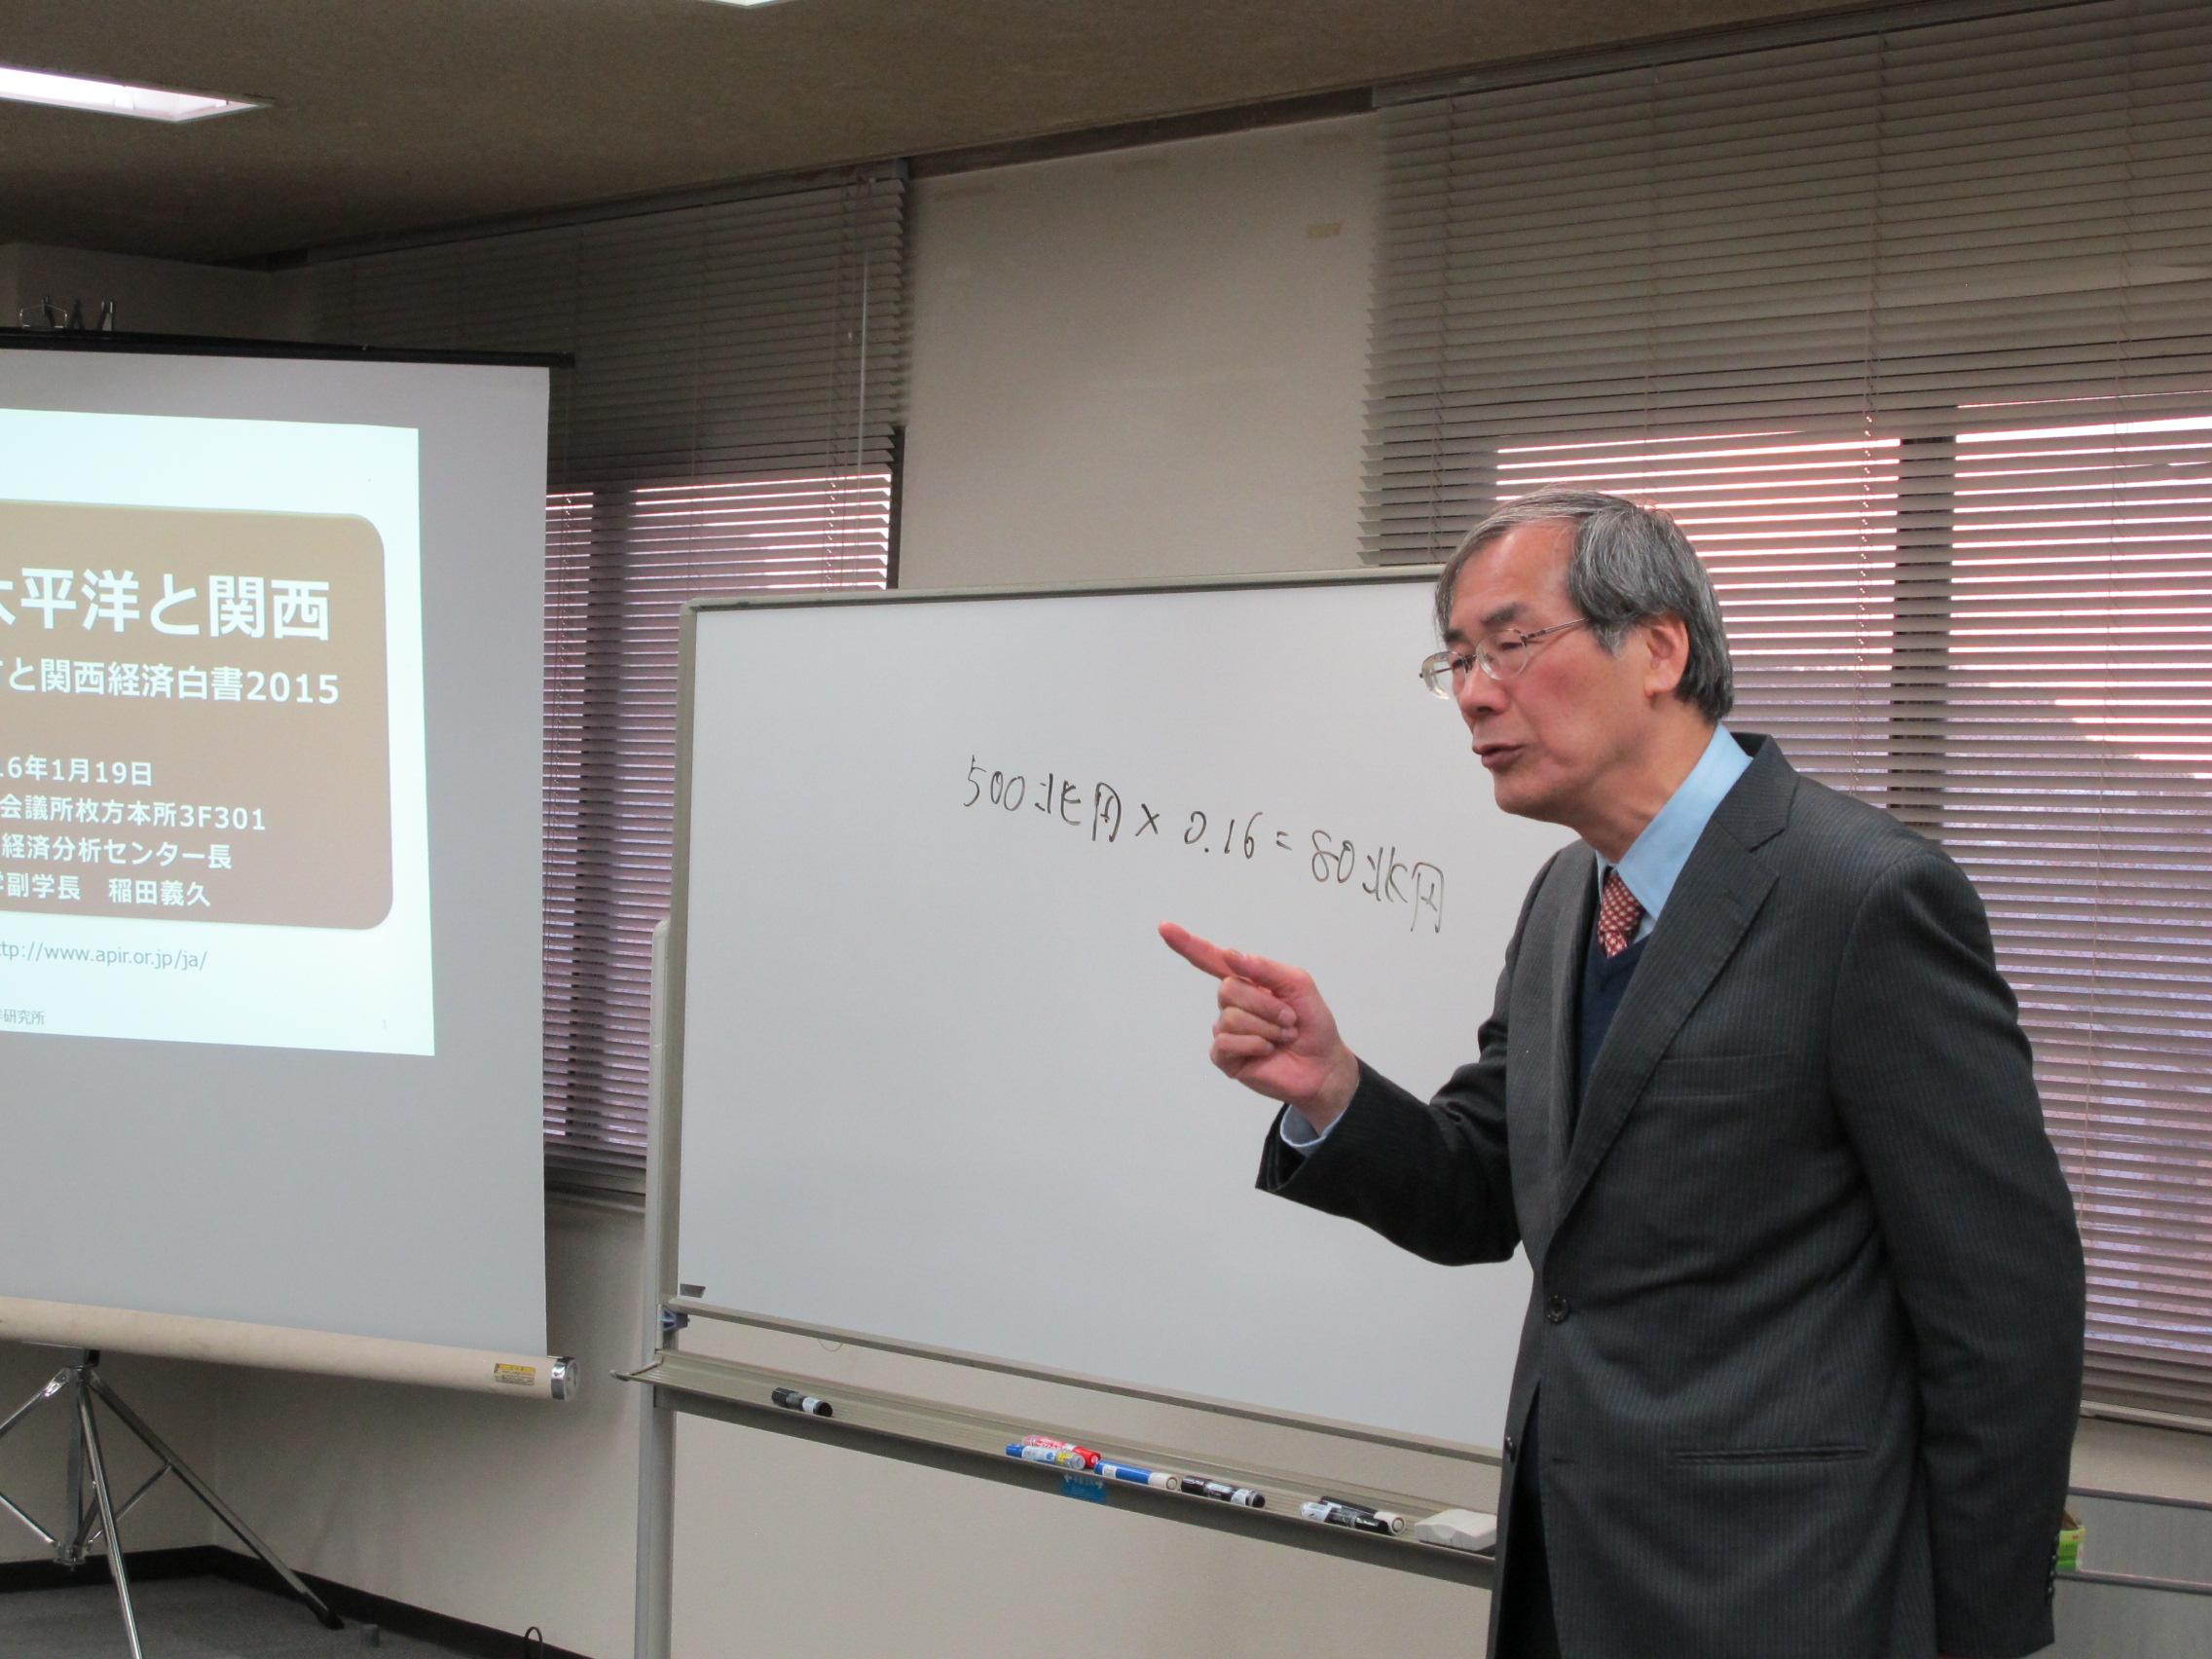 稲田センター長がひらかた地域産業クラスター研究会で講演